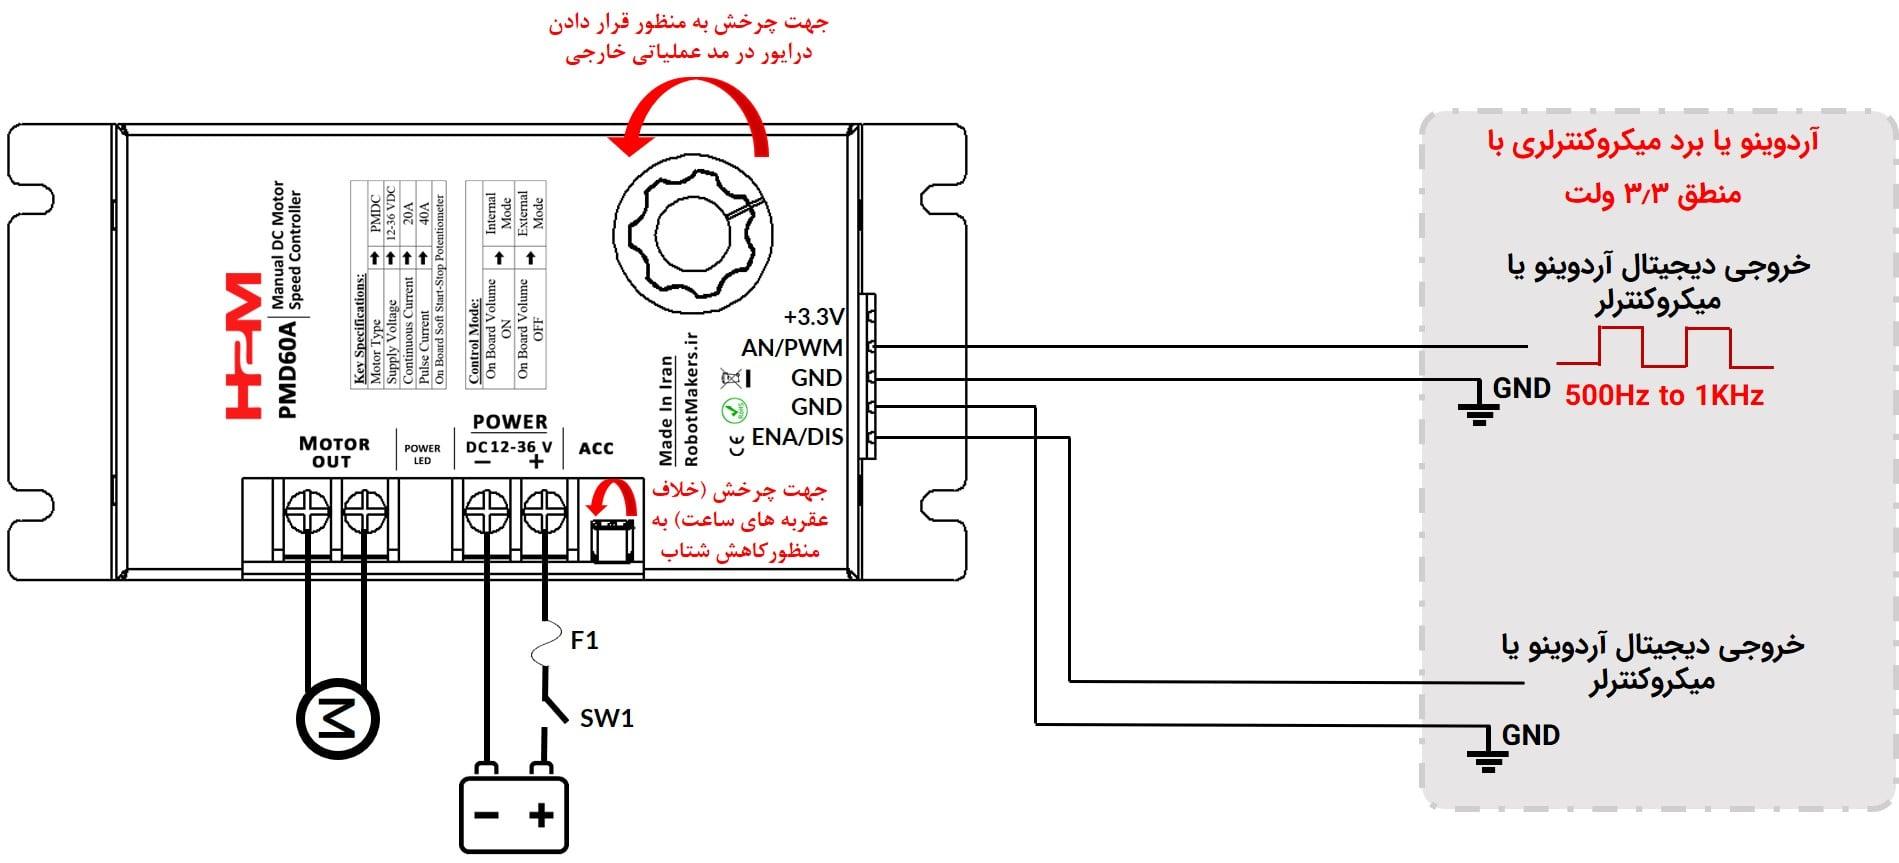 شکل ۱۲: کنترل درایور از طریق پالس PWM به وسیله آردوینو یا میکروکنترلر با منطق ۳/۳ ولت